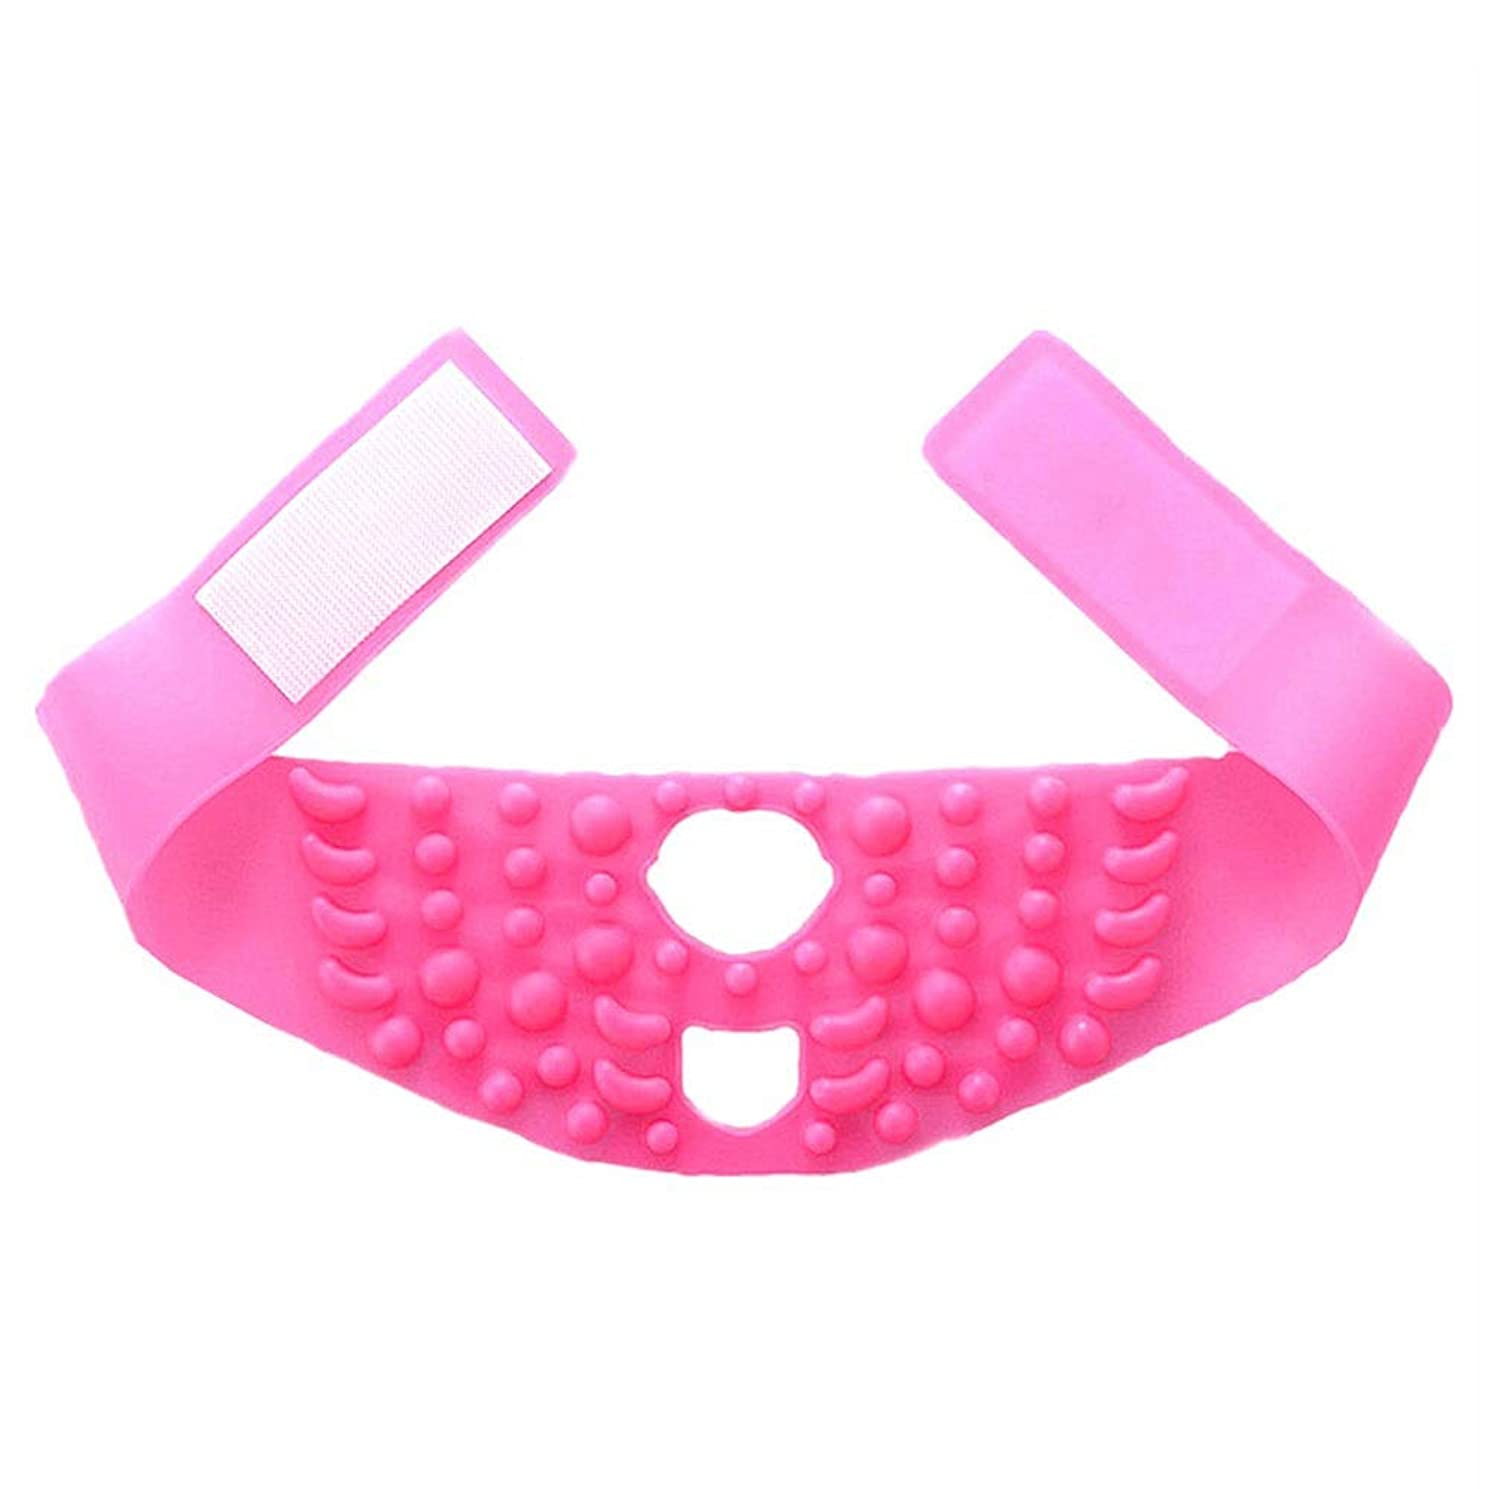 フラフープ人形ホイールGYZ シンフェイスマスクシリコーンマッサージ引き締まった形の小さなVフェイスリフティングに薄いフェイスアーティファクト包帯を飾る - ピンク Thin Face Belt